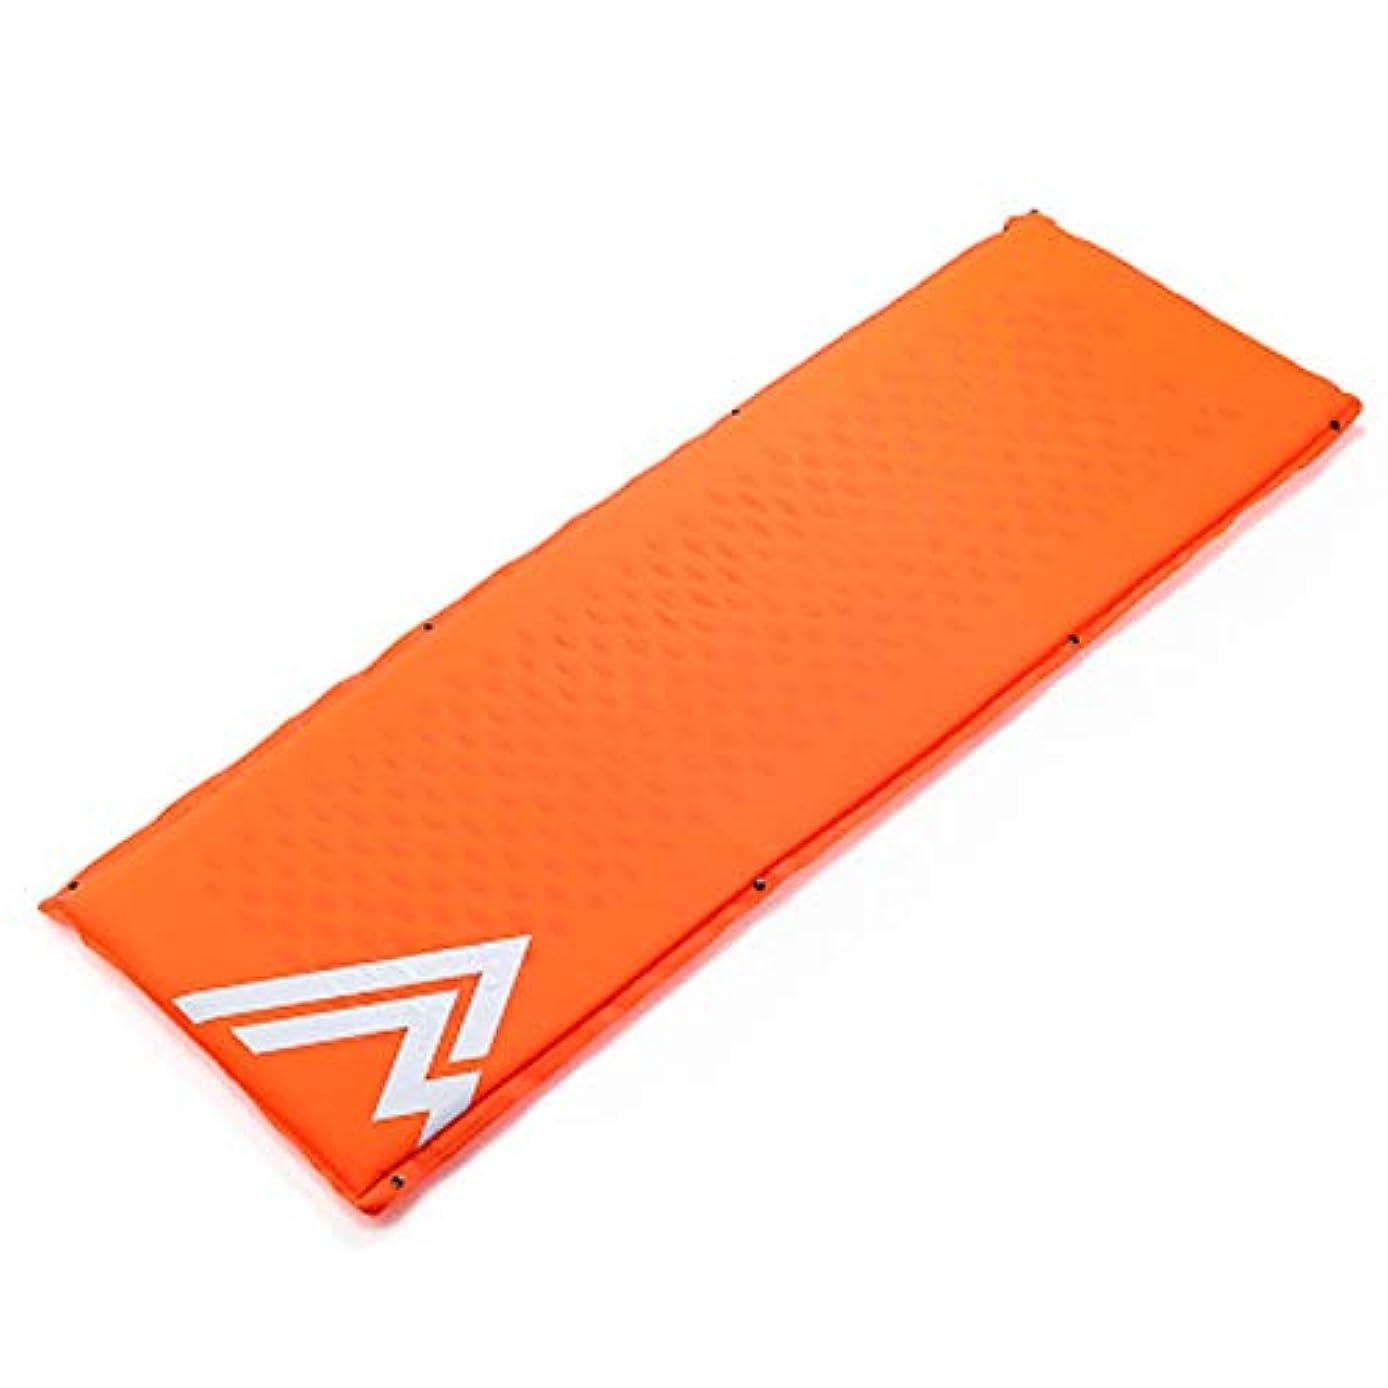 見通し剃る頼るキャンプ用マットレスとインフレータブルロールマット - インフレータブルスリーピングマット - コンパクトで防湿性 - ハイキング、ハンモック、テントに最適